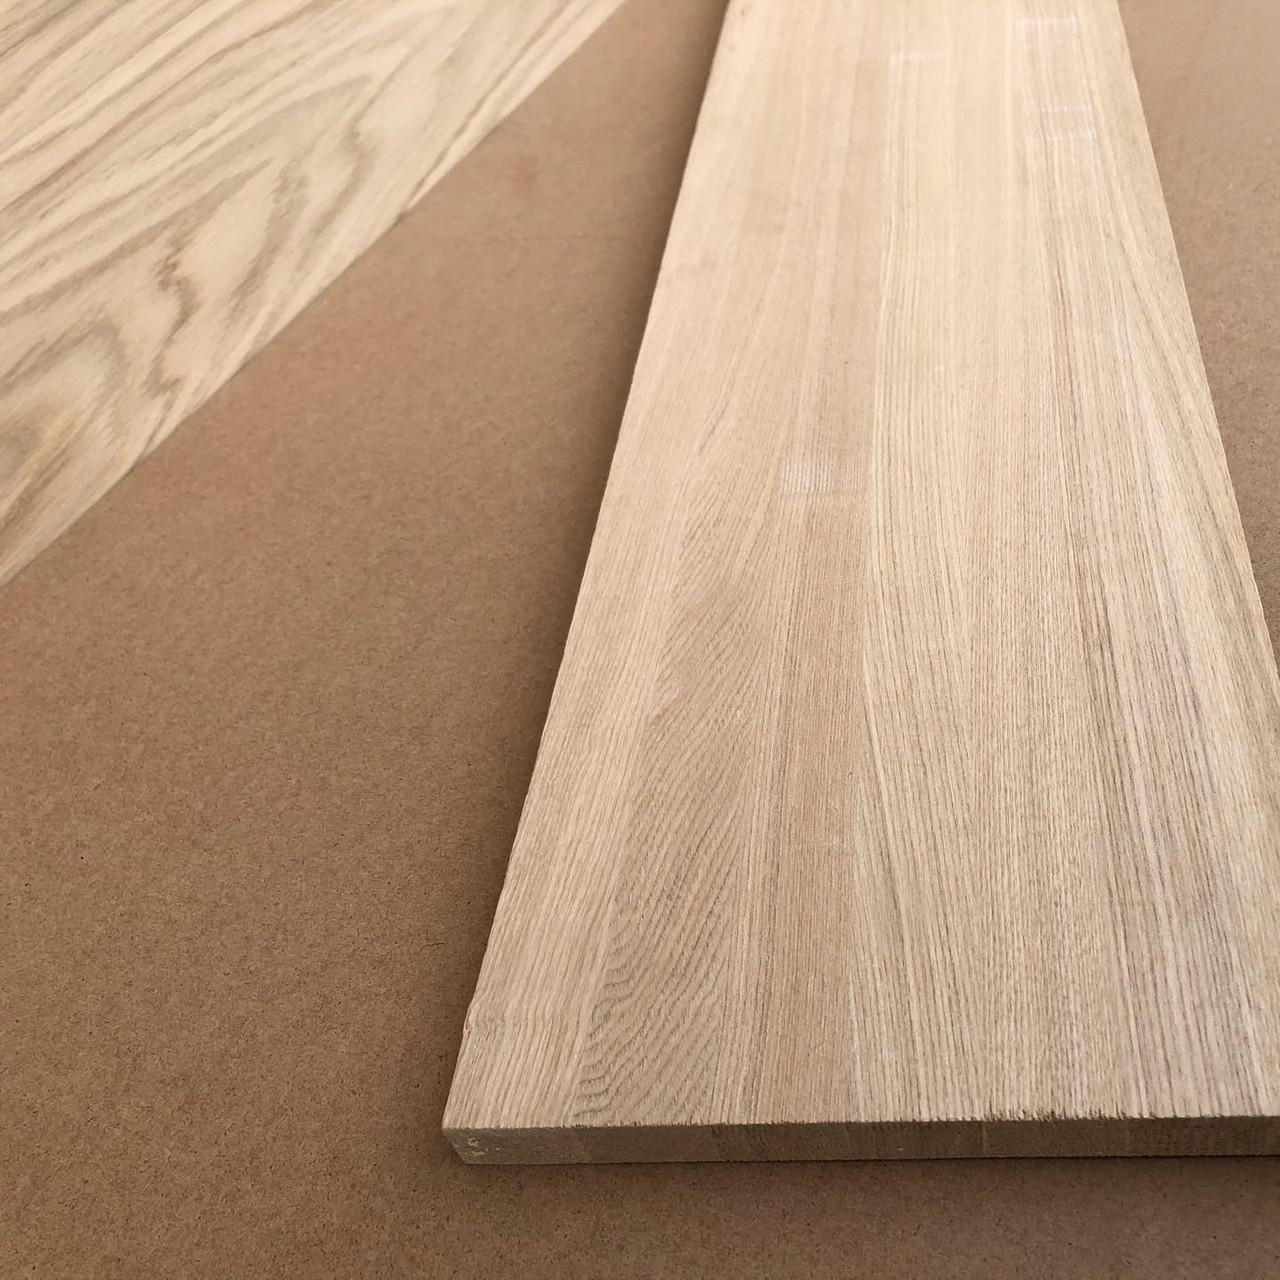 Мебельный щит ясень цельноламельный толщина 40 мм сорт А/A, A/C, B/C + порезка в любой размер бесплатно